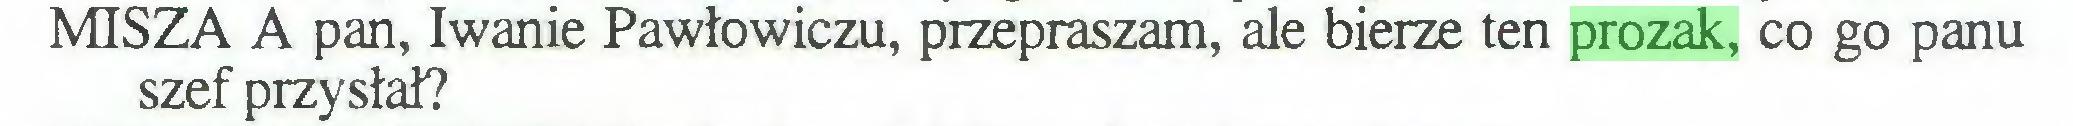 (...) MISZA A pan, Iwanie Pawłowiczu, przepraszam, ale bierze ten prozak, co go panu szef przysłał?...